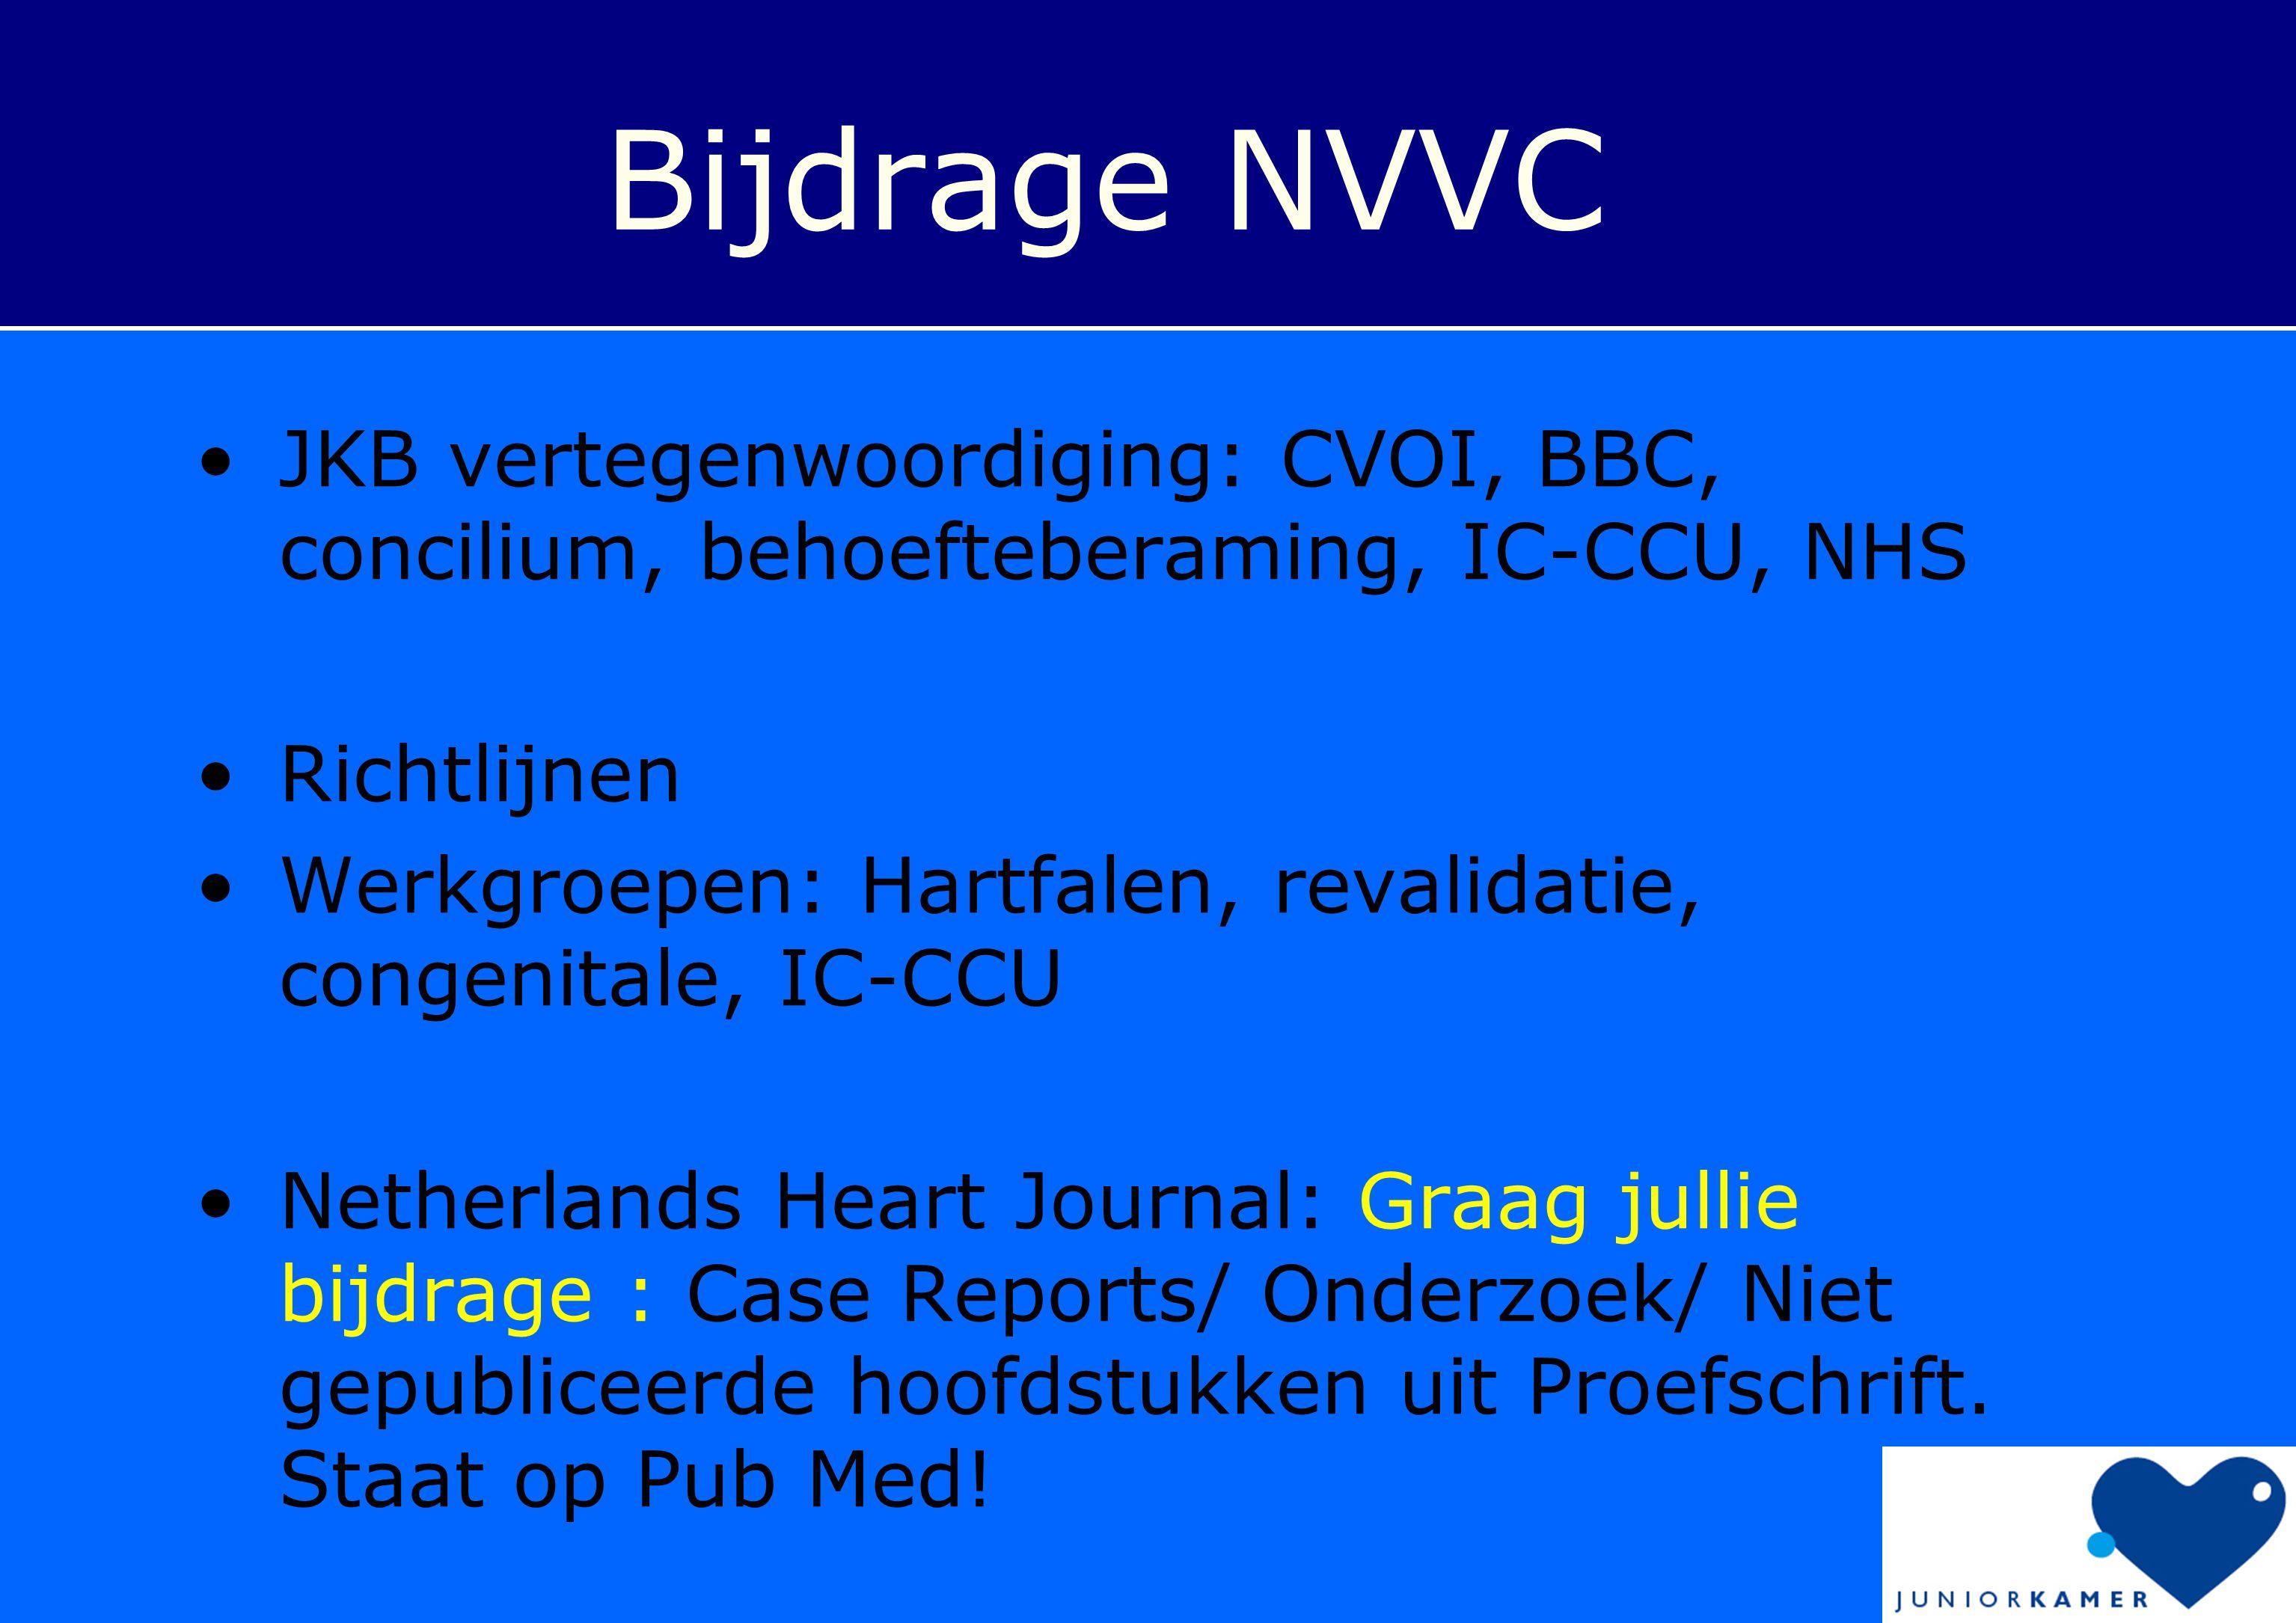 Bijdrage NVVC JKB vertegenwoordiging: CVOI, BBC, concilium, behoefteberaming, IC-CCU, NHS. Richtlijnen.